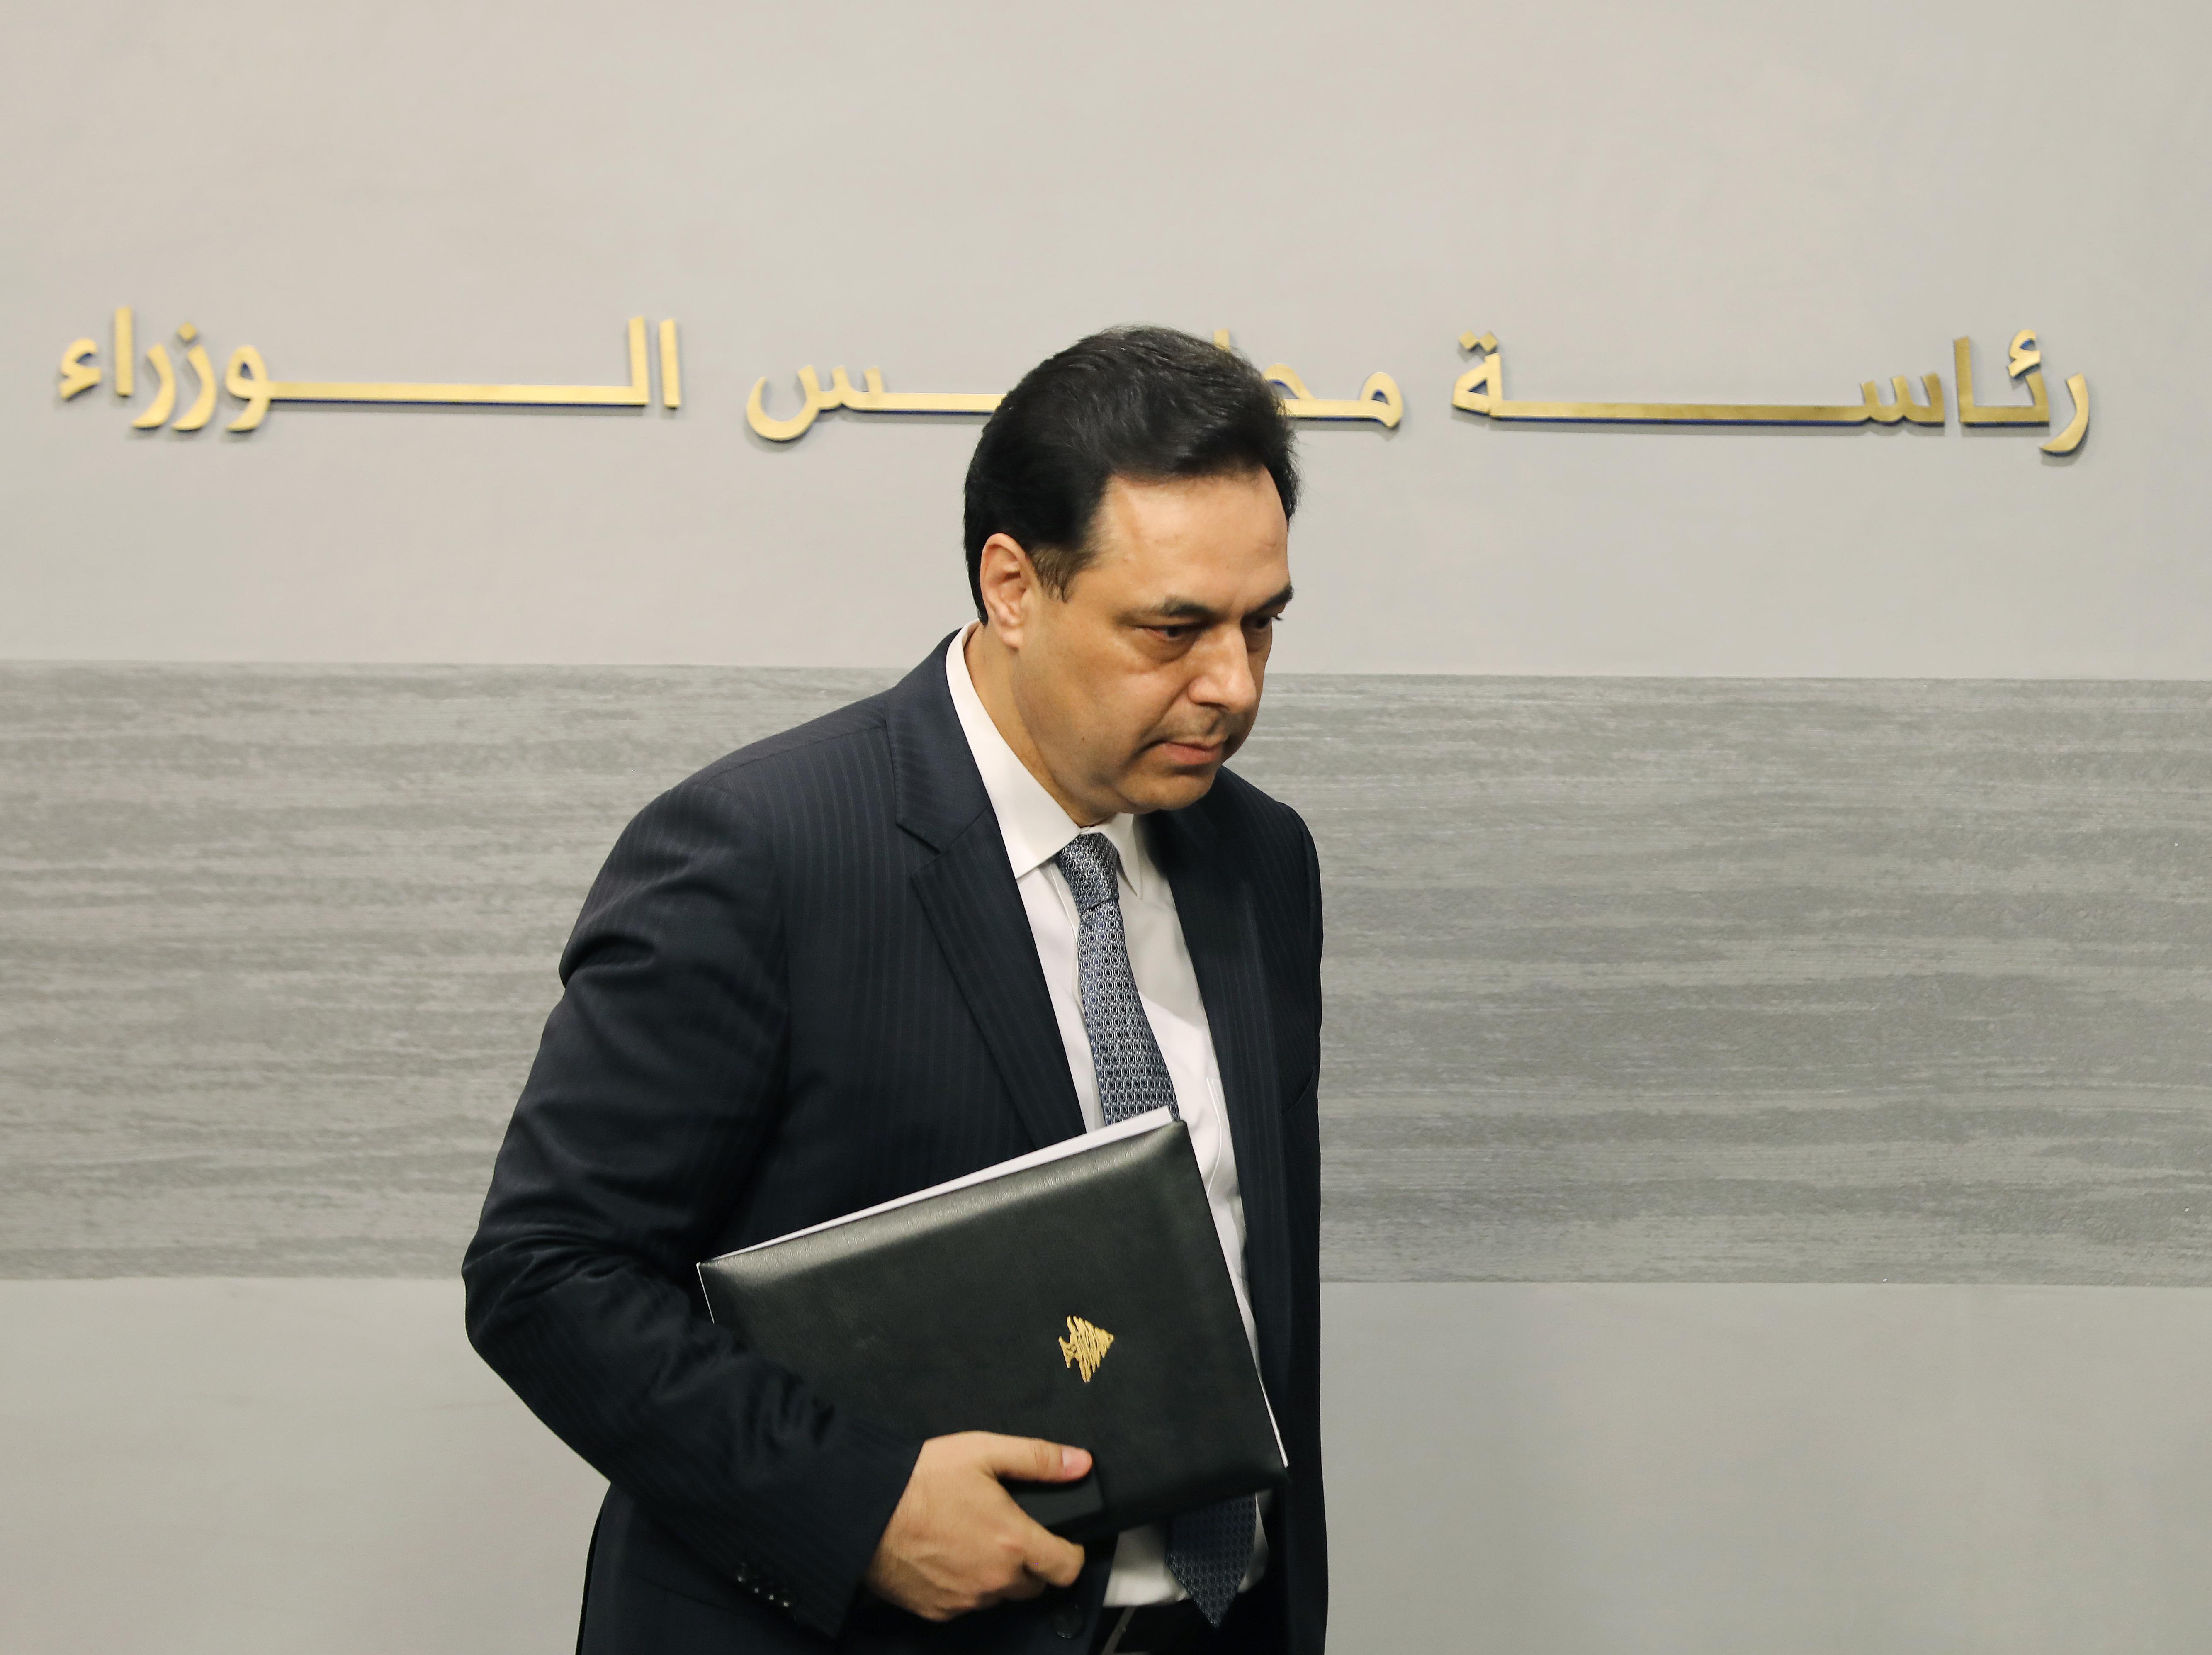 Libanon csődöt jelentett